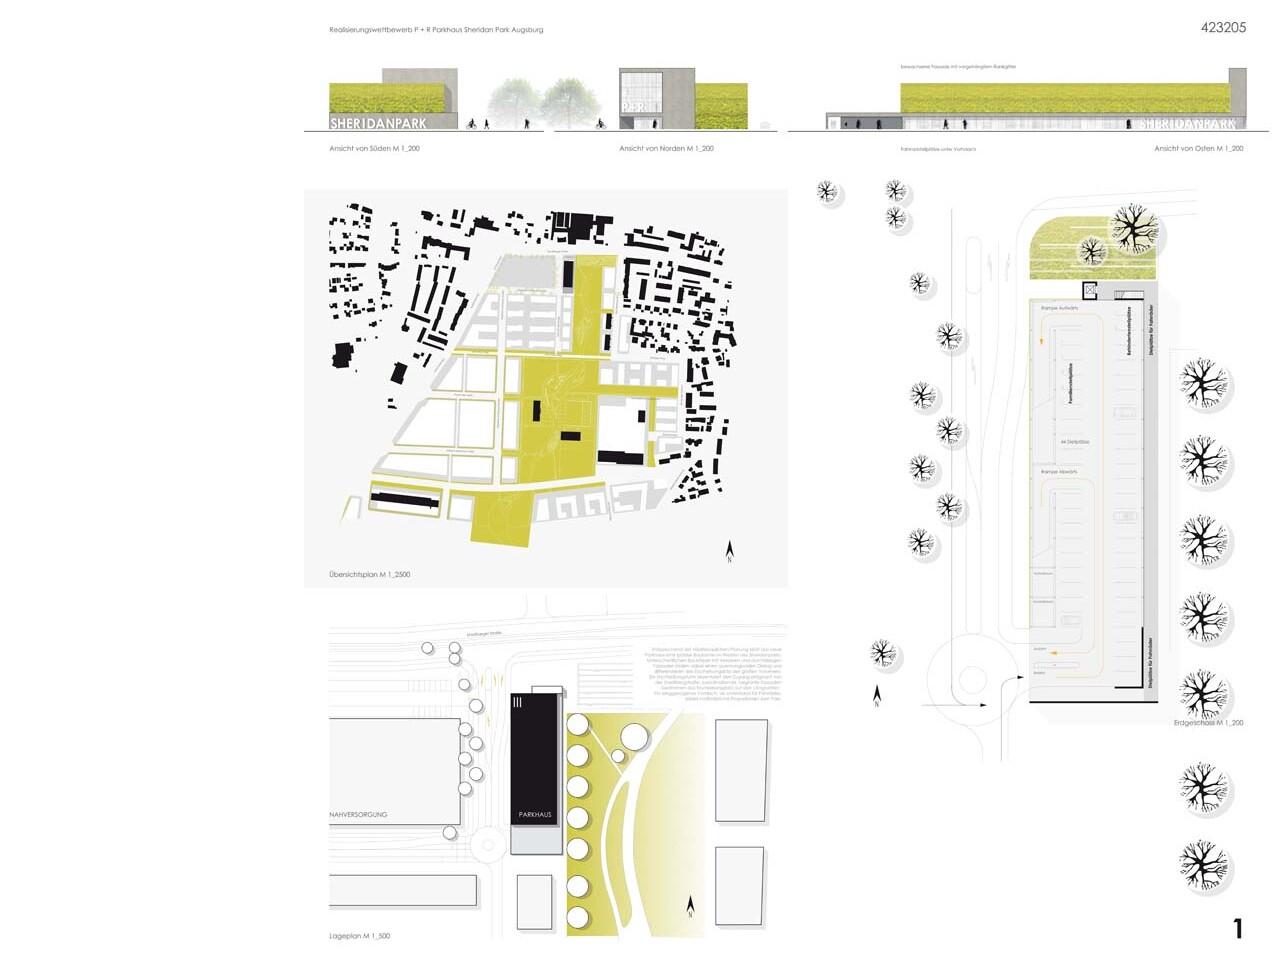 Wettbewerb Neubau Parkaus im SheridanPark Augsburg